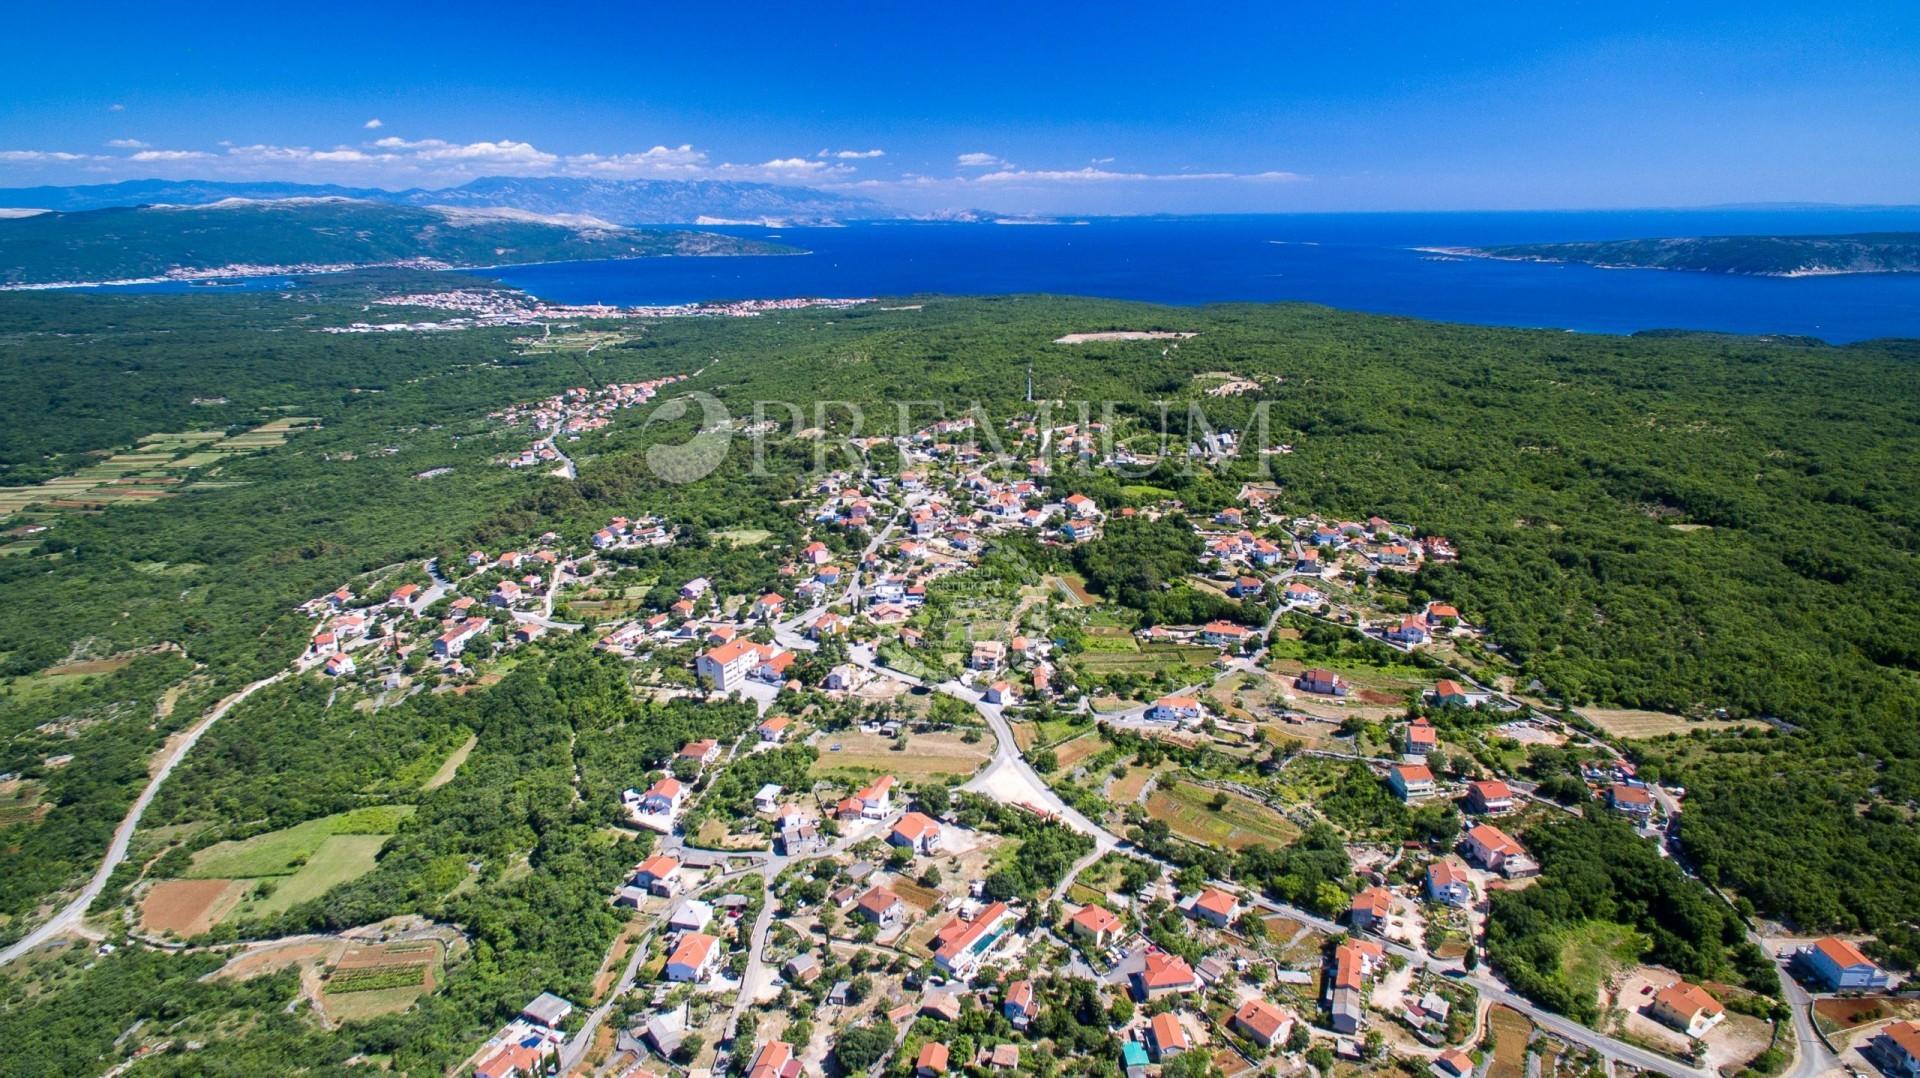 Kmetijsko zemljišče Vrh, Krk, 19.970m2